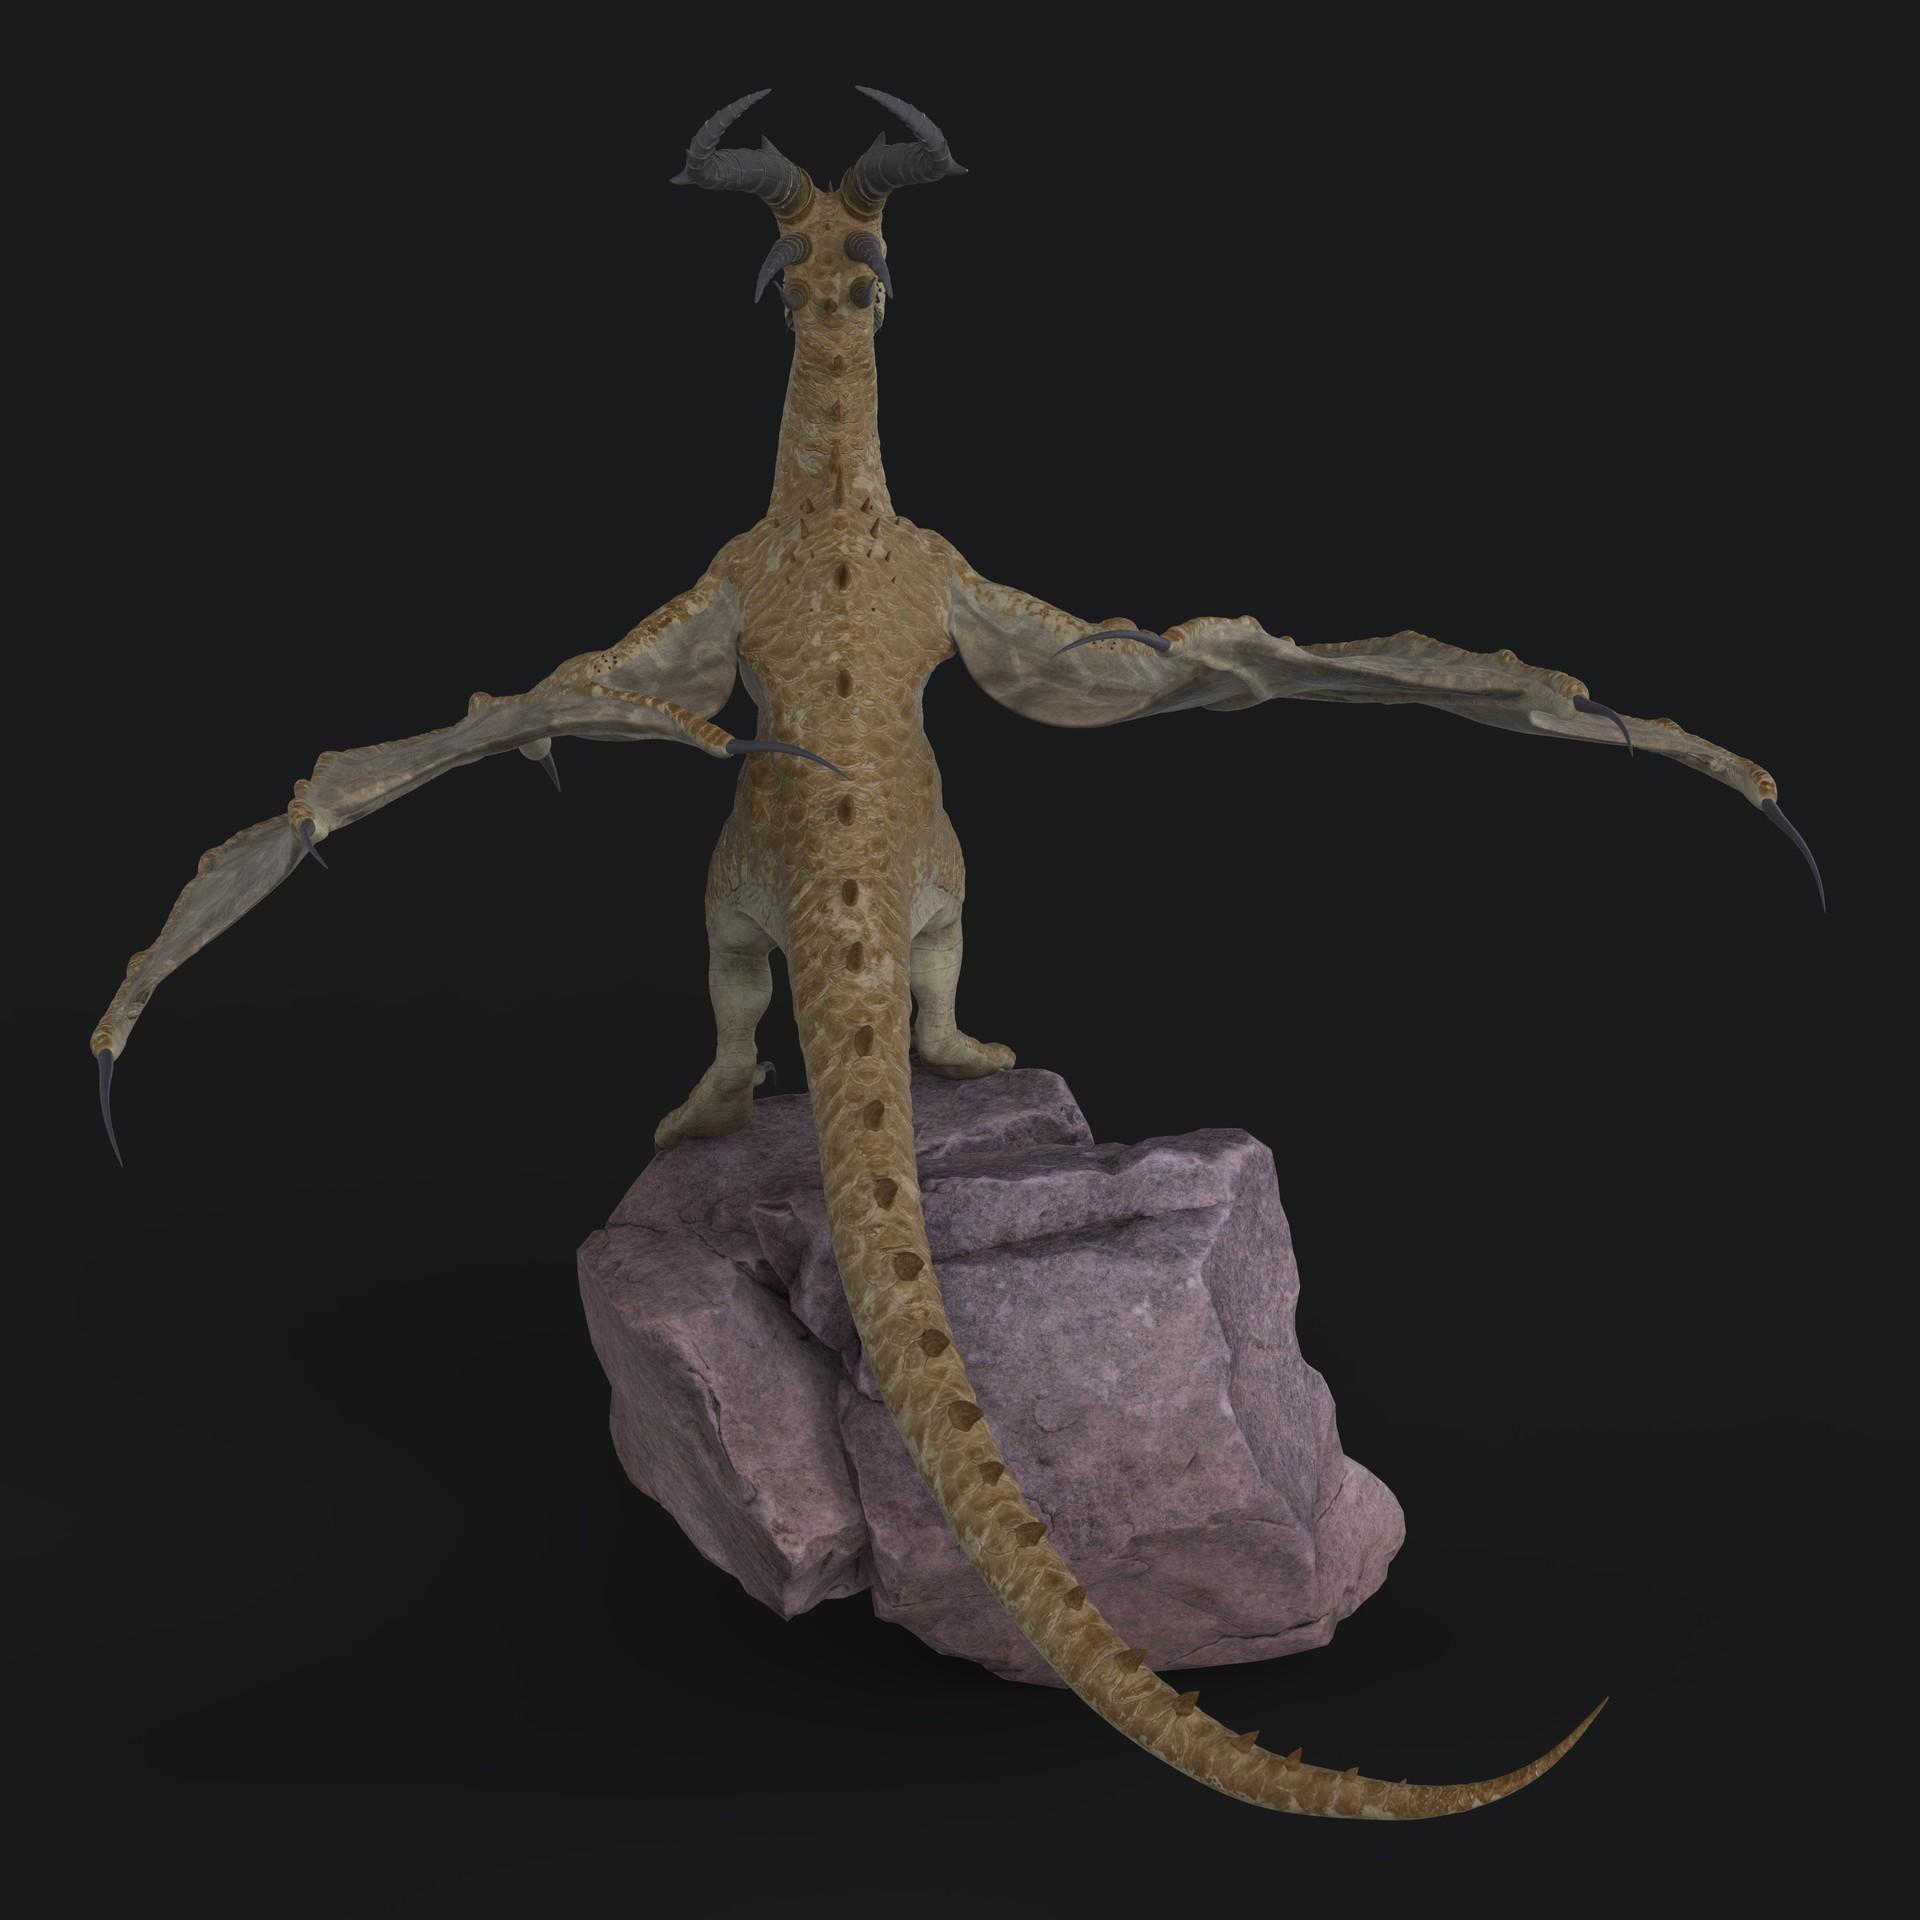 Miquel purra dragon 3